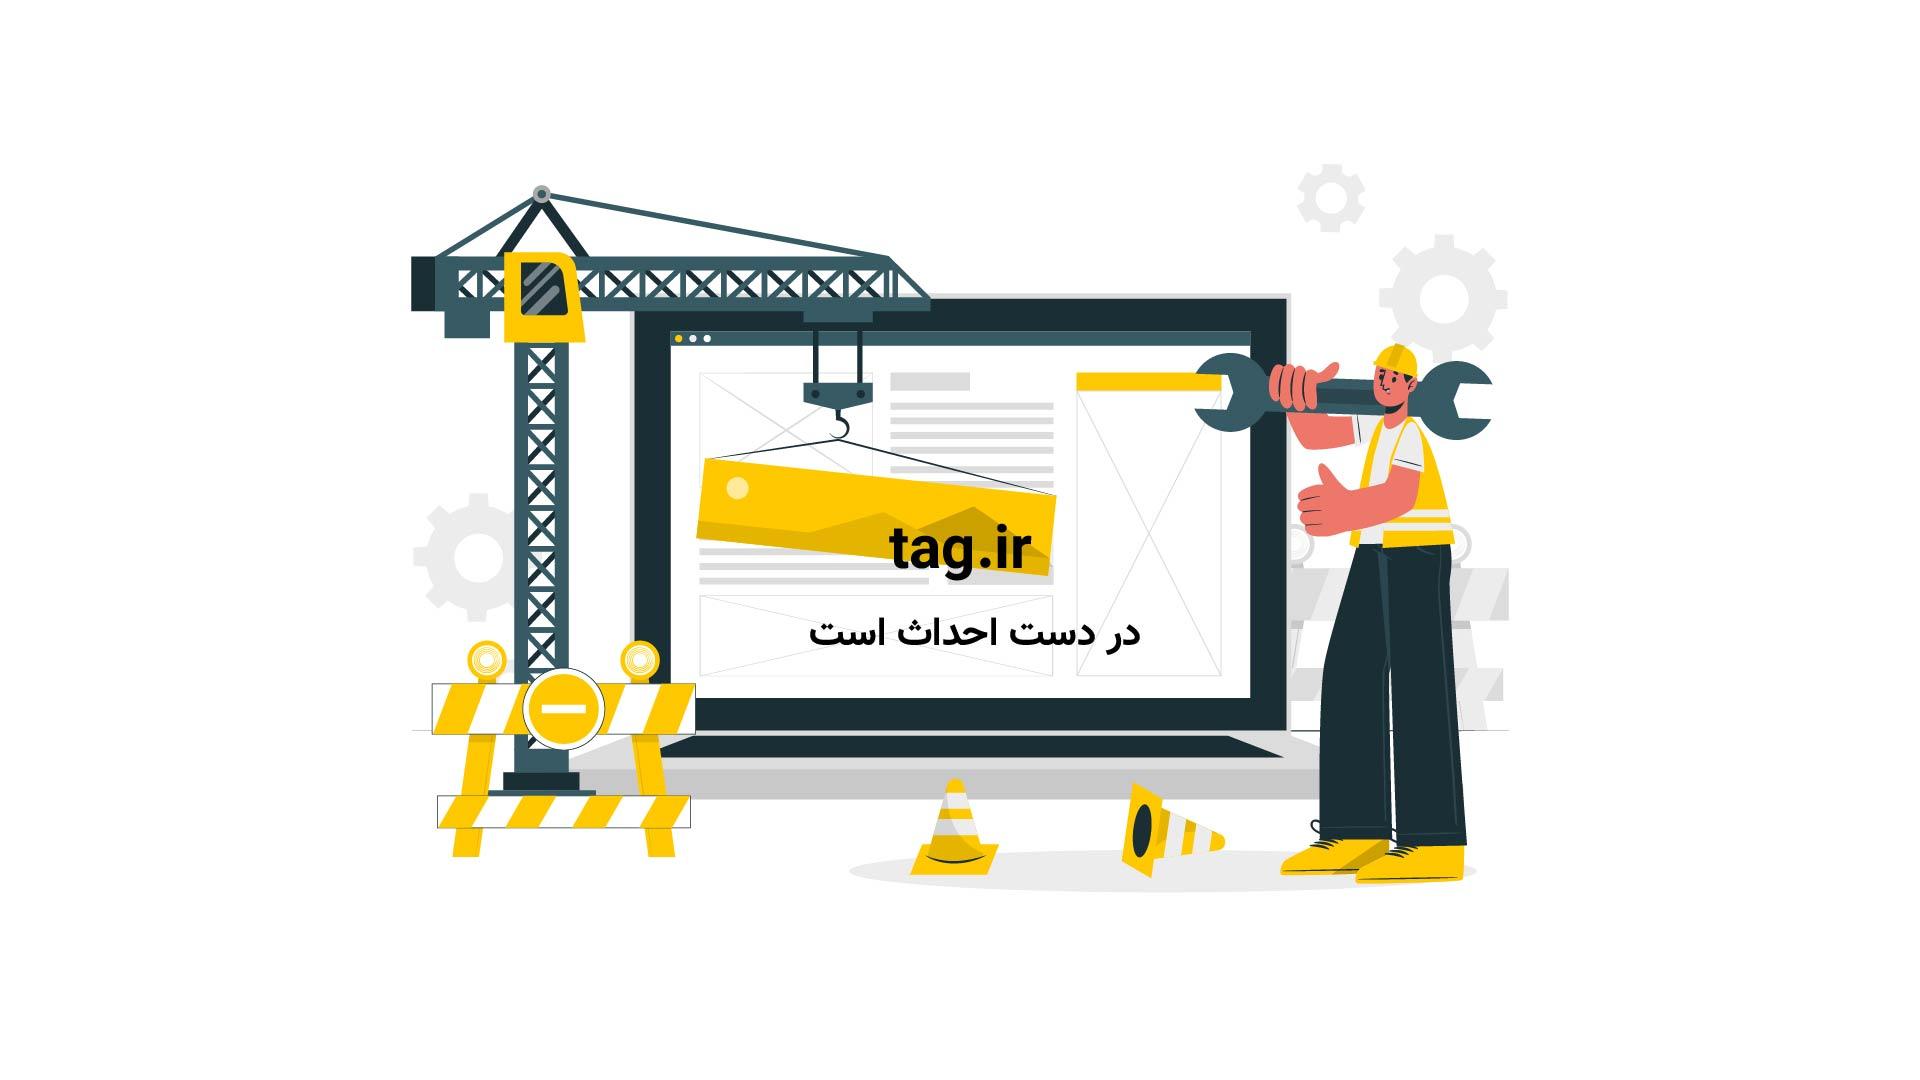 مسابقه شوت کردن محمد حسین میثاقی و رامبد جوان در خندوانه